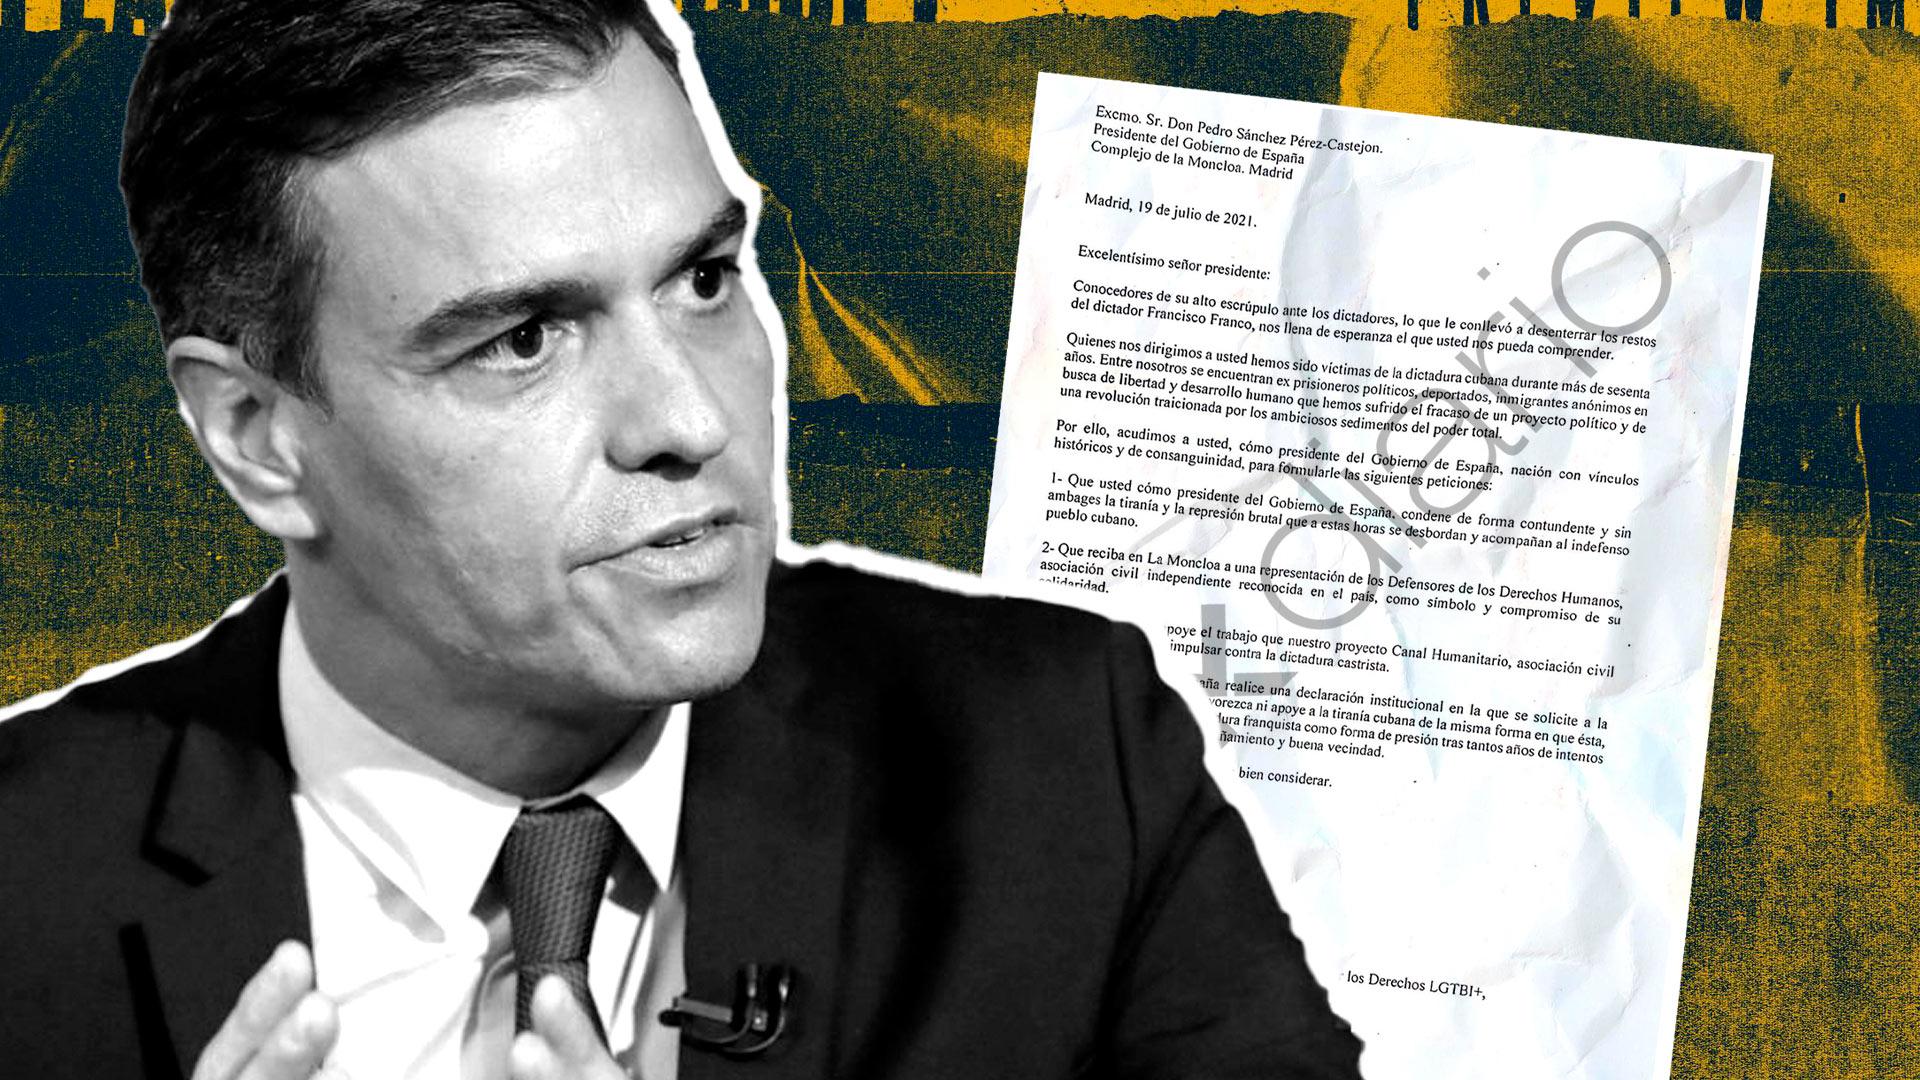 La respuesta de Pedro Sánchez a la disidencia cubana